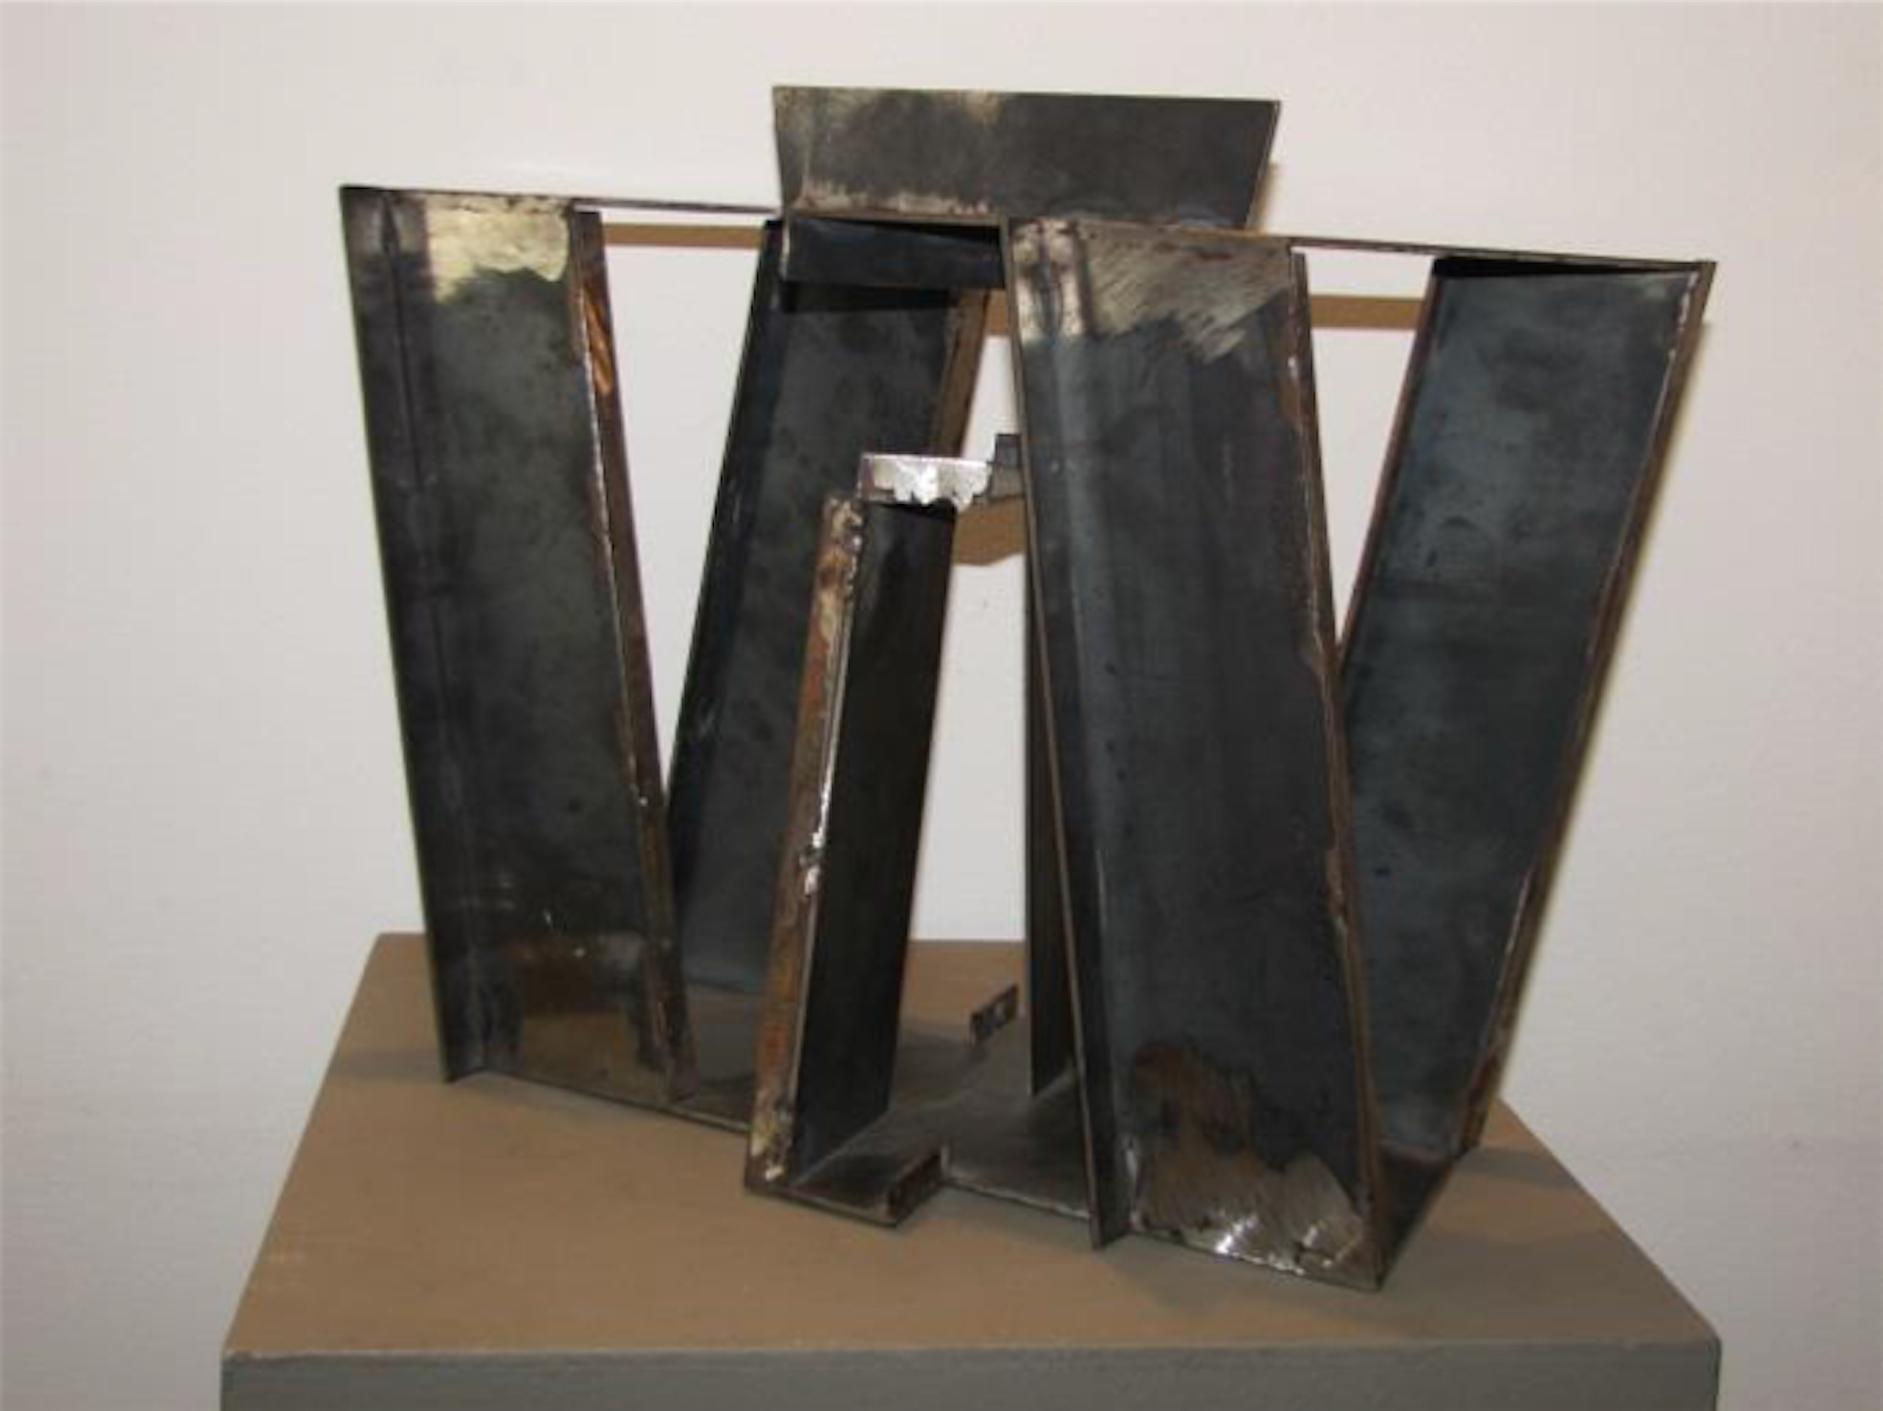 Eduardo Ramirez Villamizar Sin Titulo Escultura En Hierro 34 x 41 x 18 cm.jpg